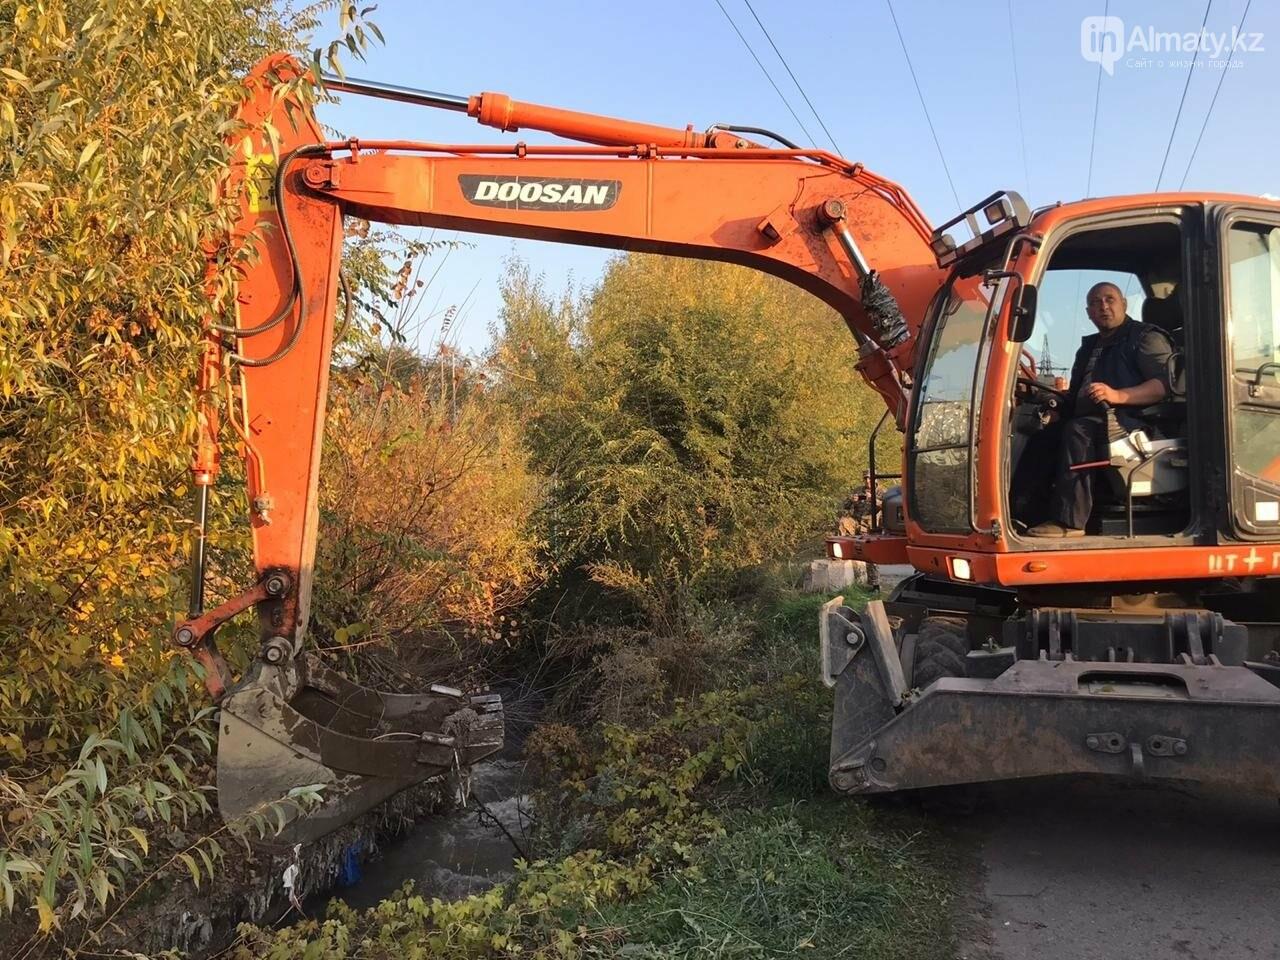 В Алматы спасатели расчистили русло реки Каргалы, фото-4